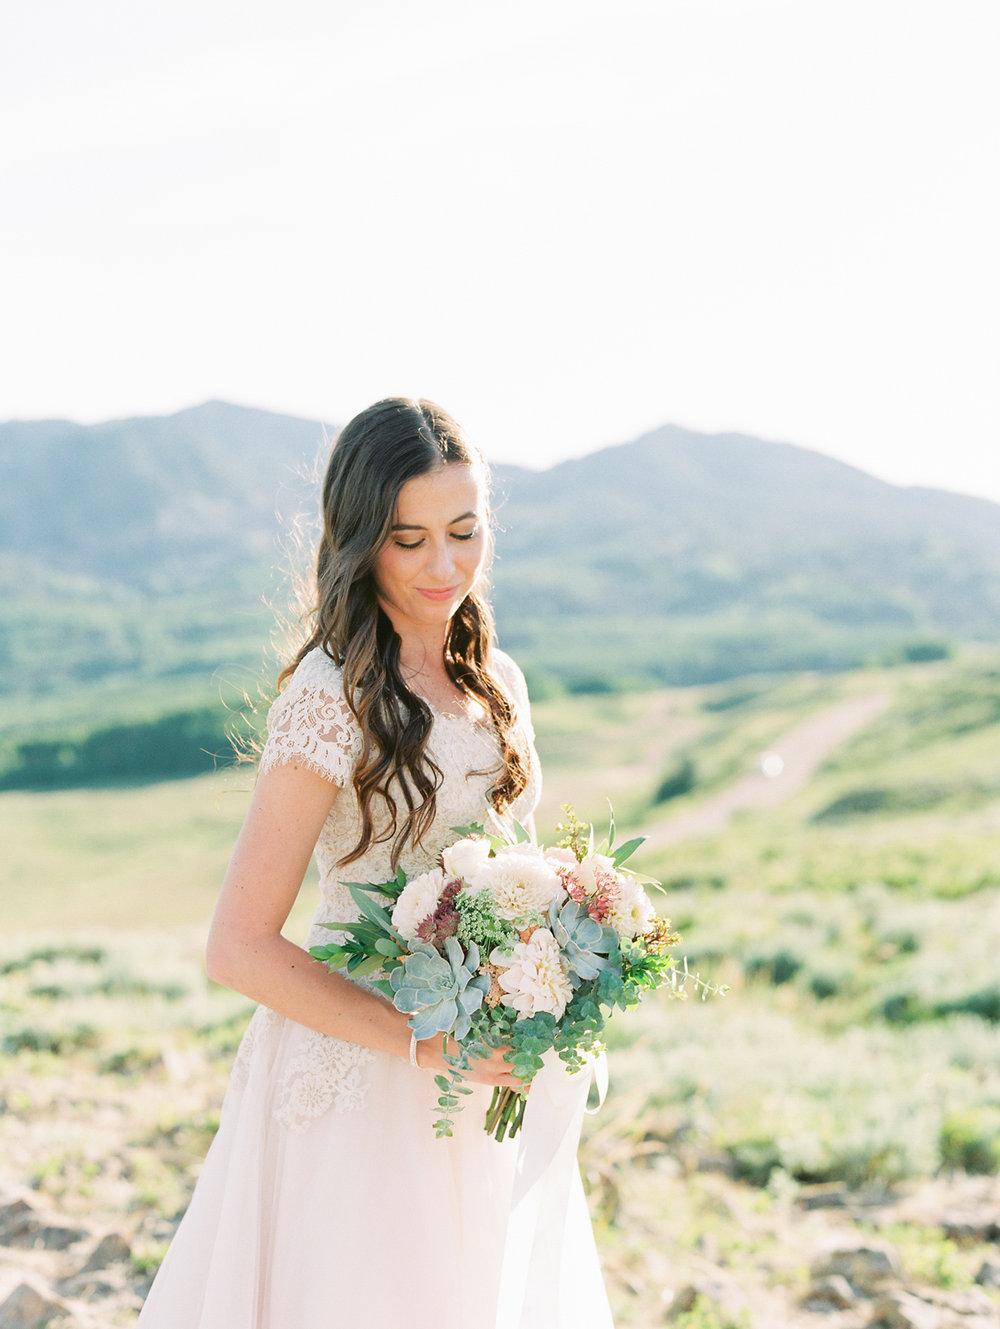 mountain-bridals_lindseystewartphotography_0044.jpg